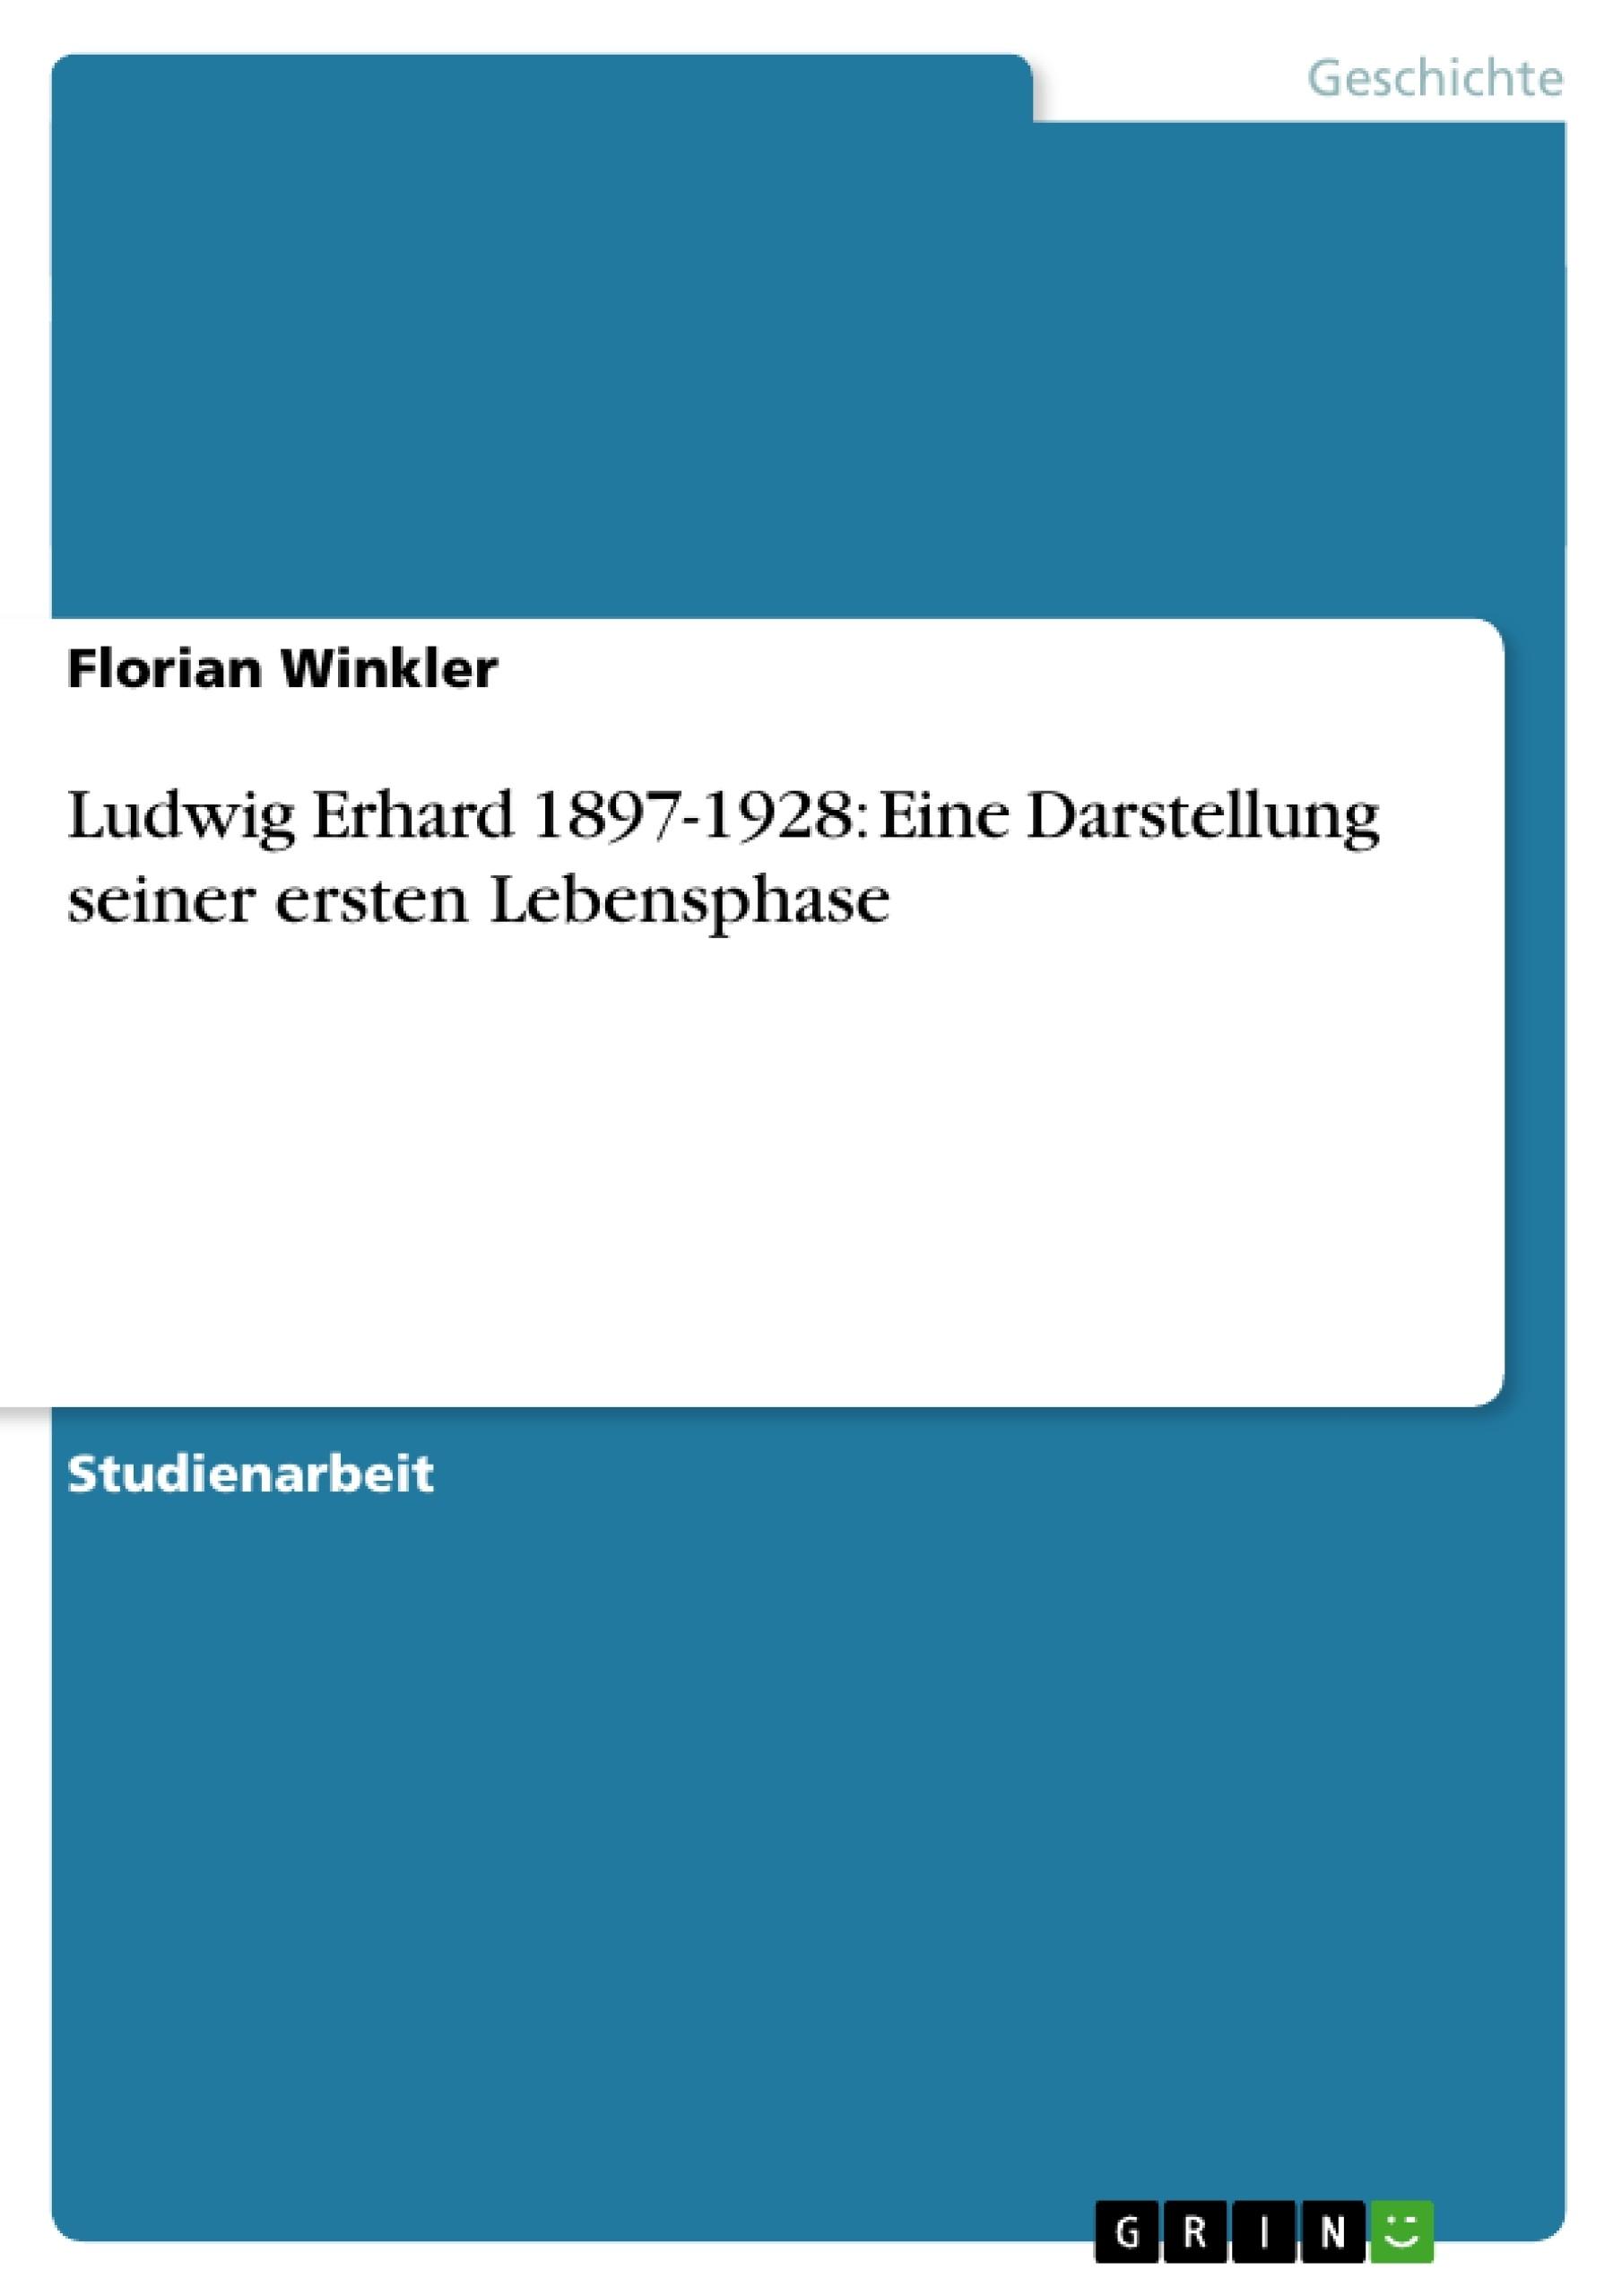 Titel: Ludwig Erhard 1897-1928: Eine Darstellung seiner ersten Lebensphase